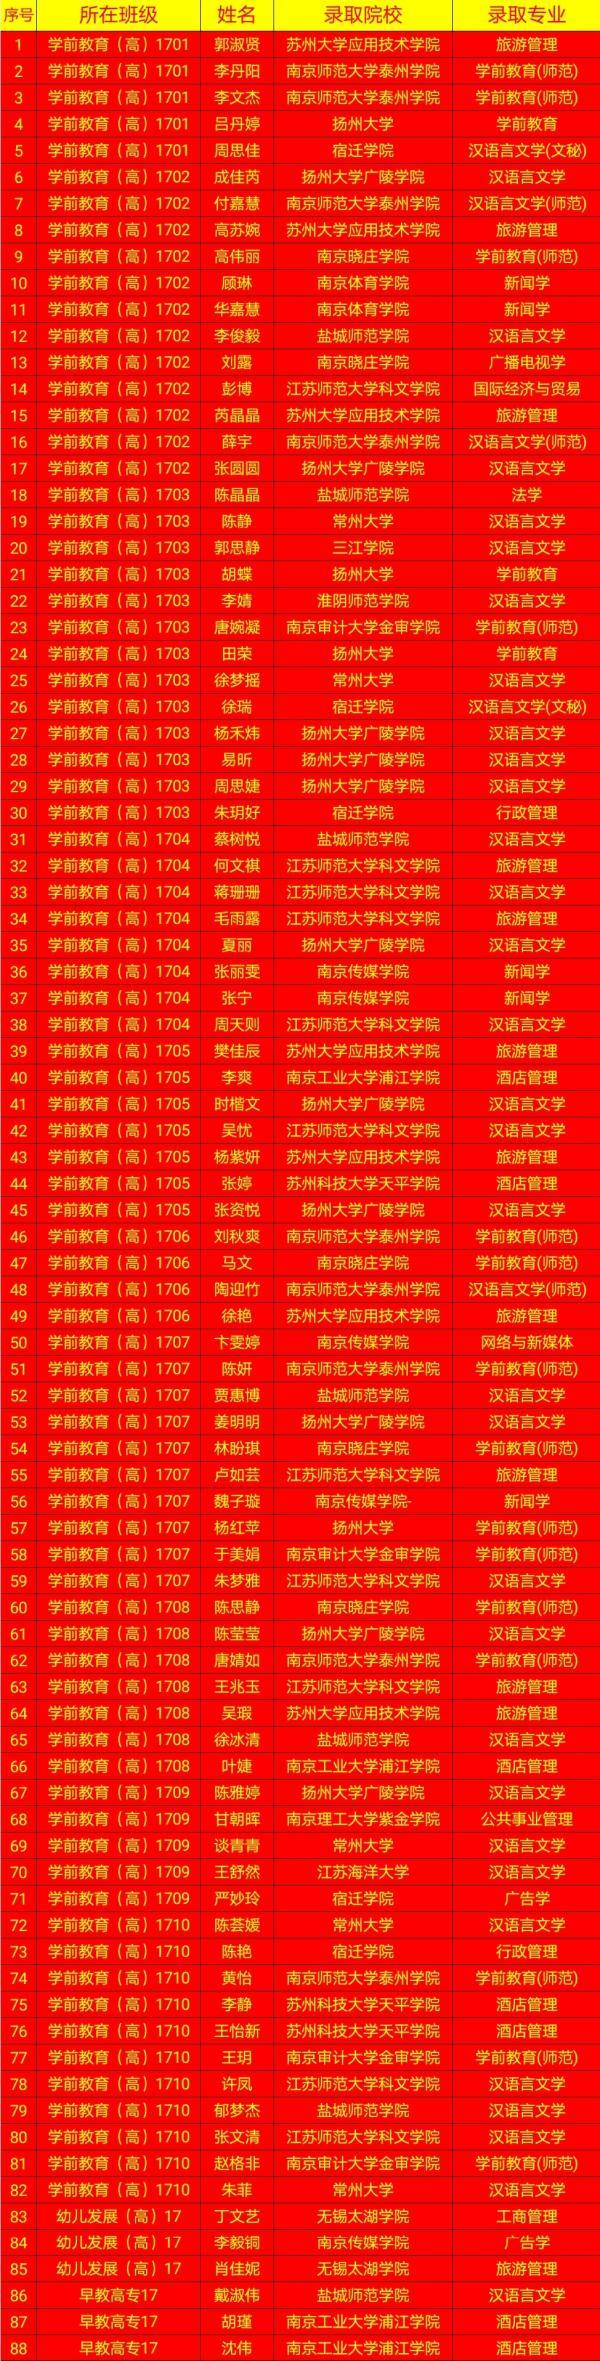 Screenshot_20200709_161630_cn.wps.moffice_eng_7487886432711.jpg